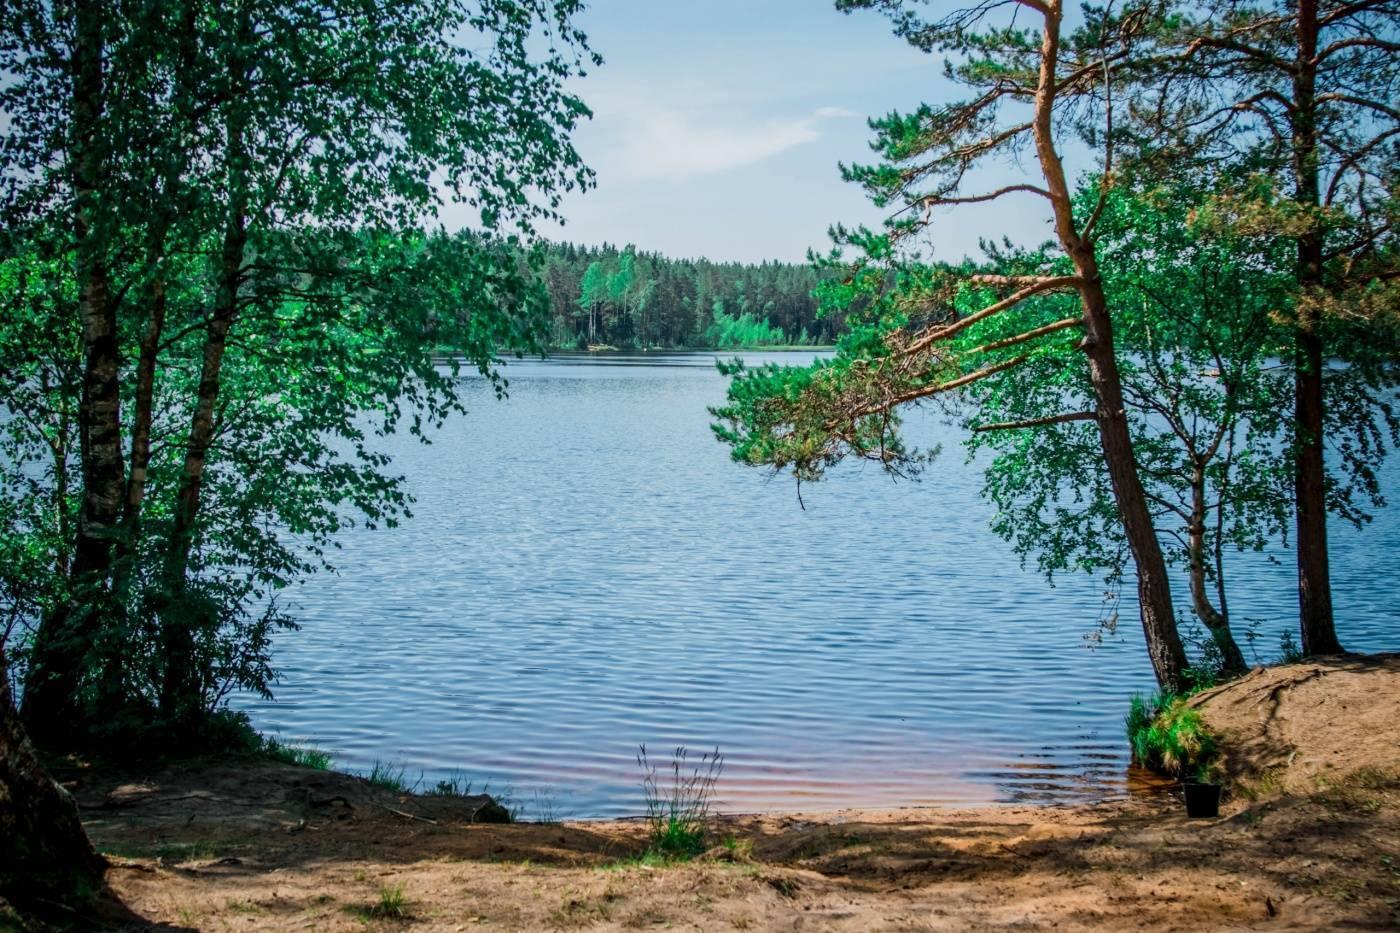 Орлинское озеро, гатчинский район, ленинградская область: рыбалка, отзывы, отели рядом — туристер.ру